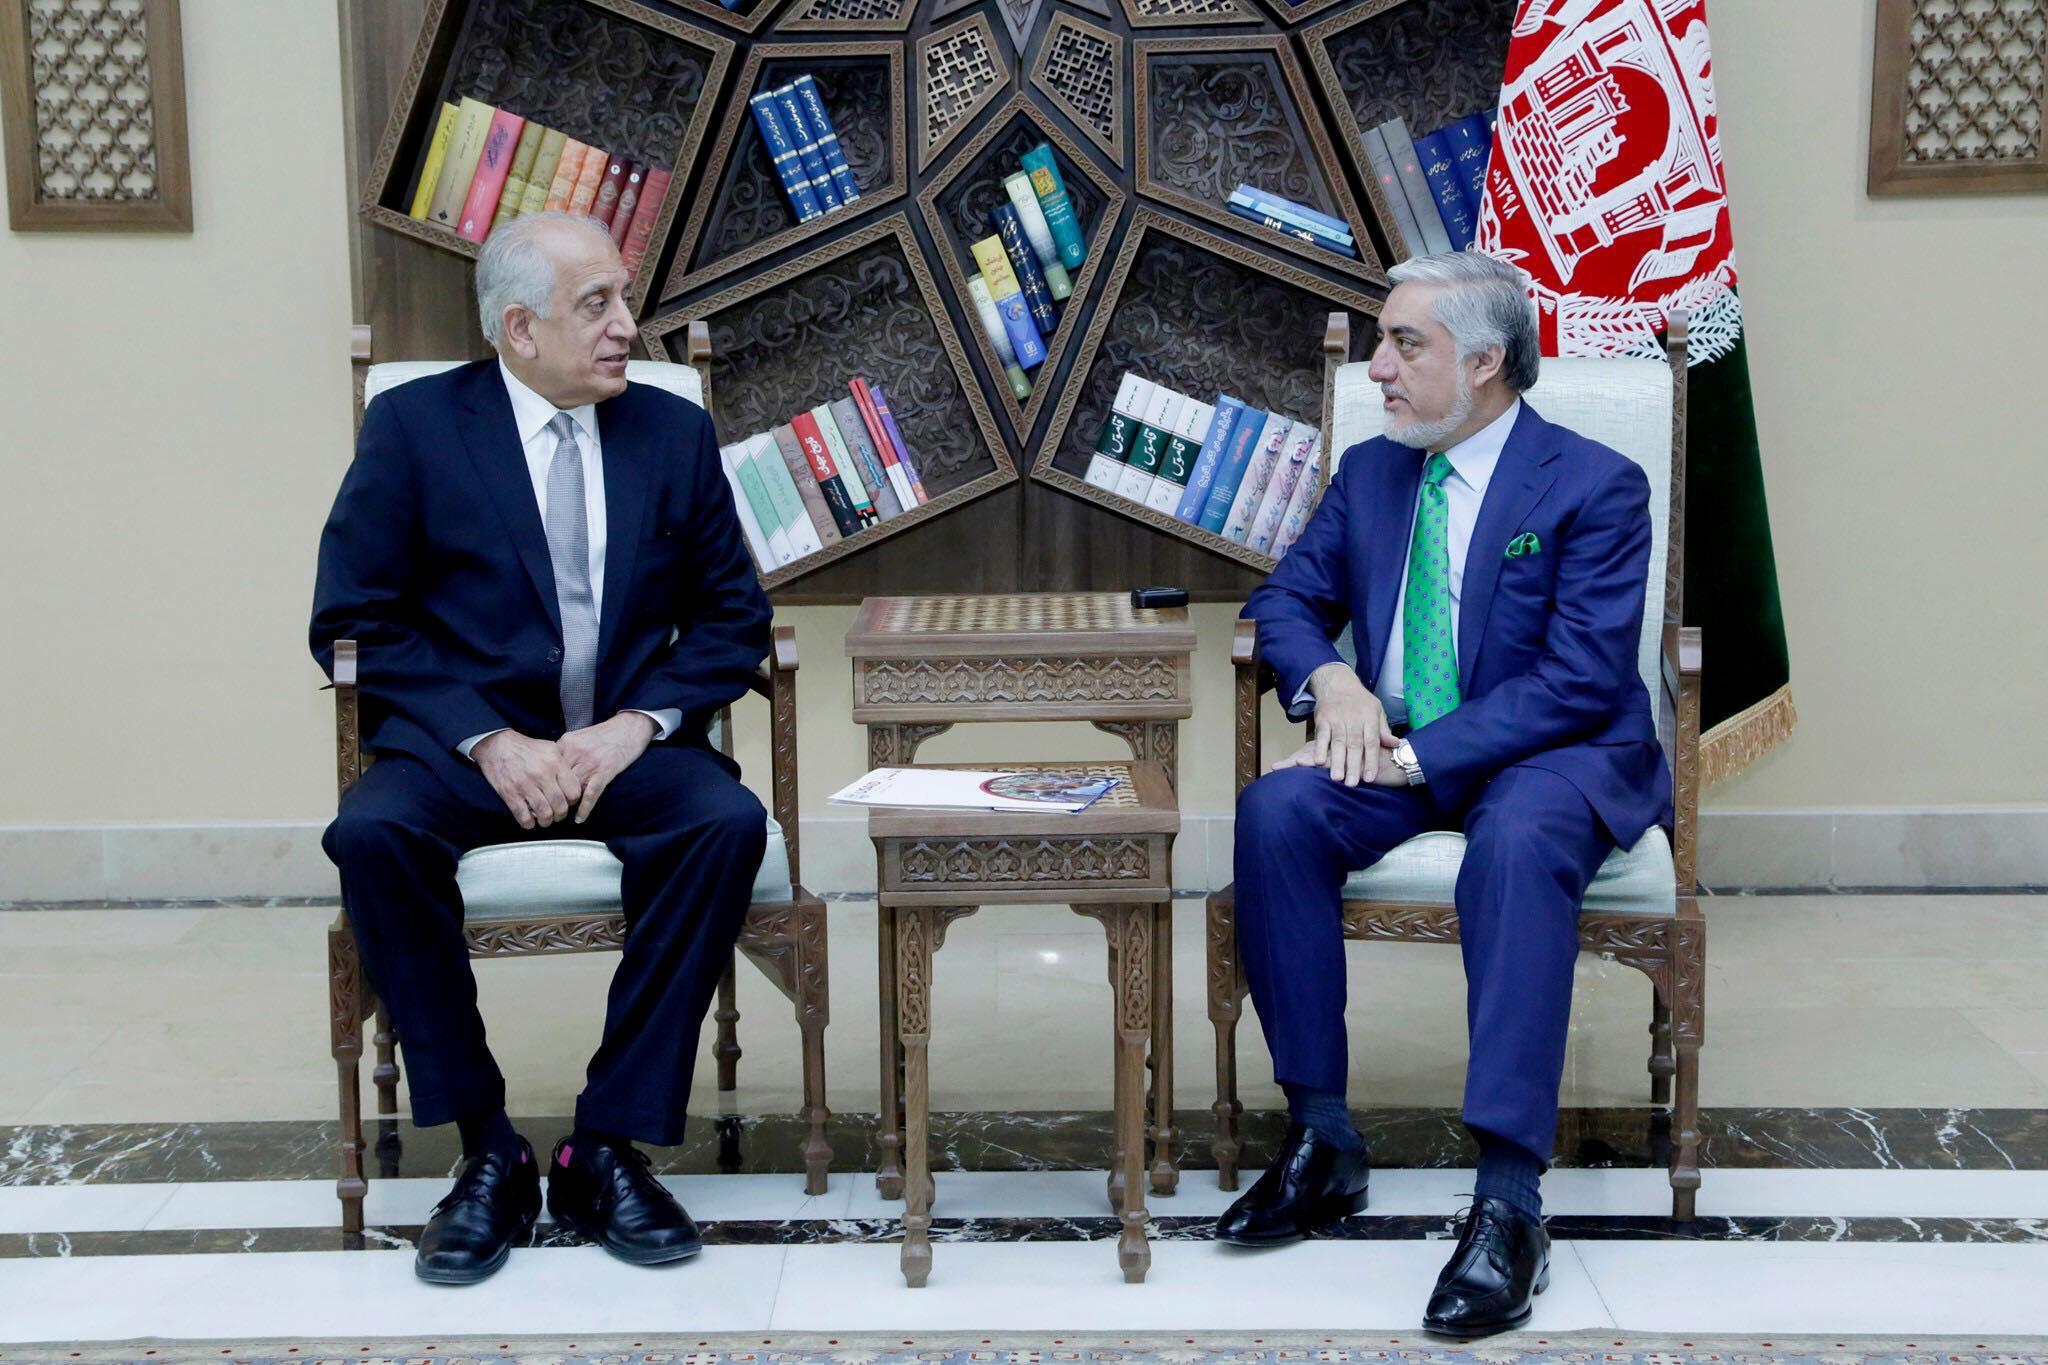 L'émissaire américain Zalmay Khalilzad (à gauche) a rencontré le chef de l'exécutif afghan Abdullah Abdullah à Kaboul, le 2 septembre 2019.